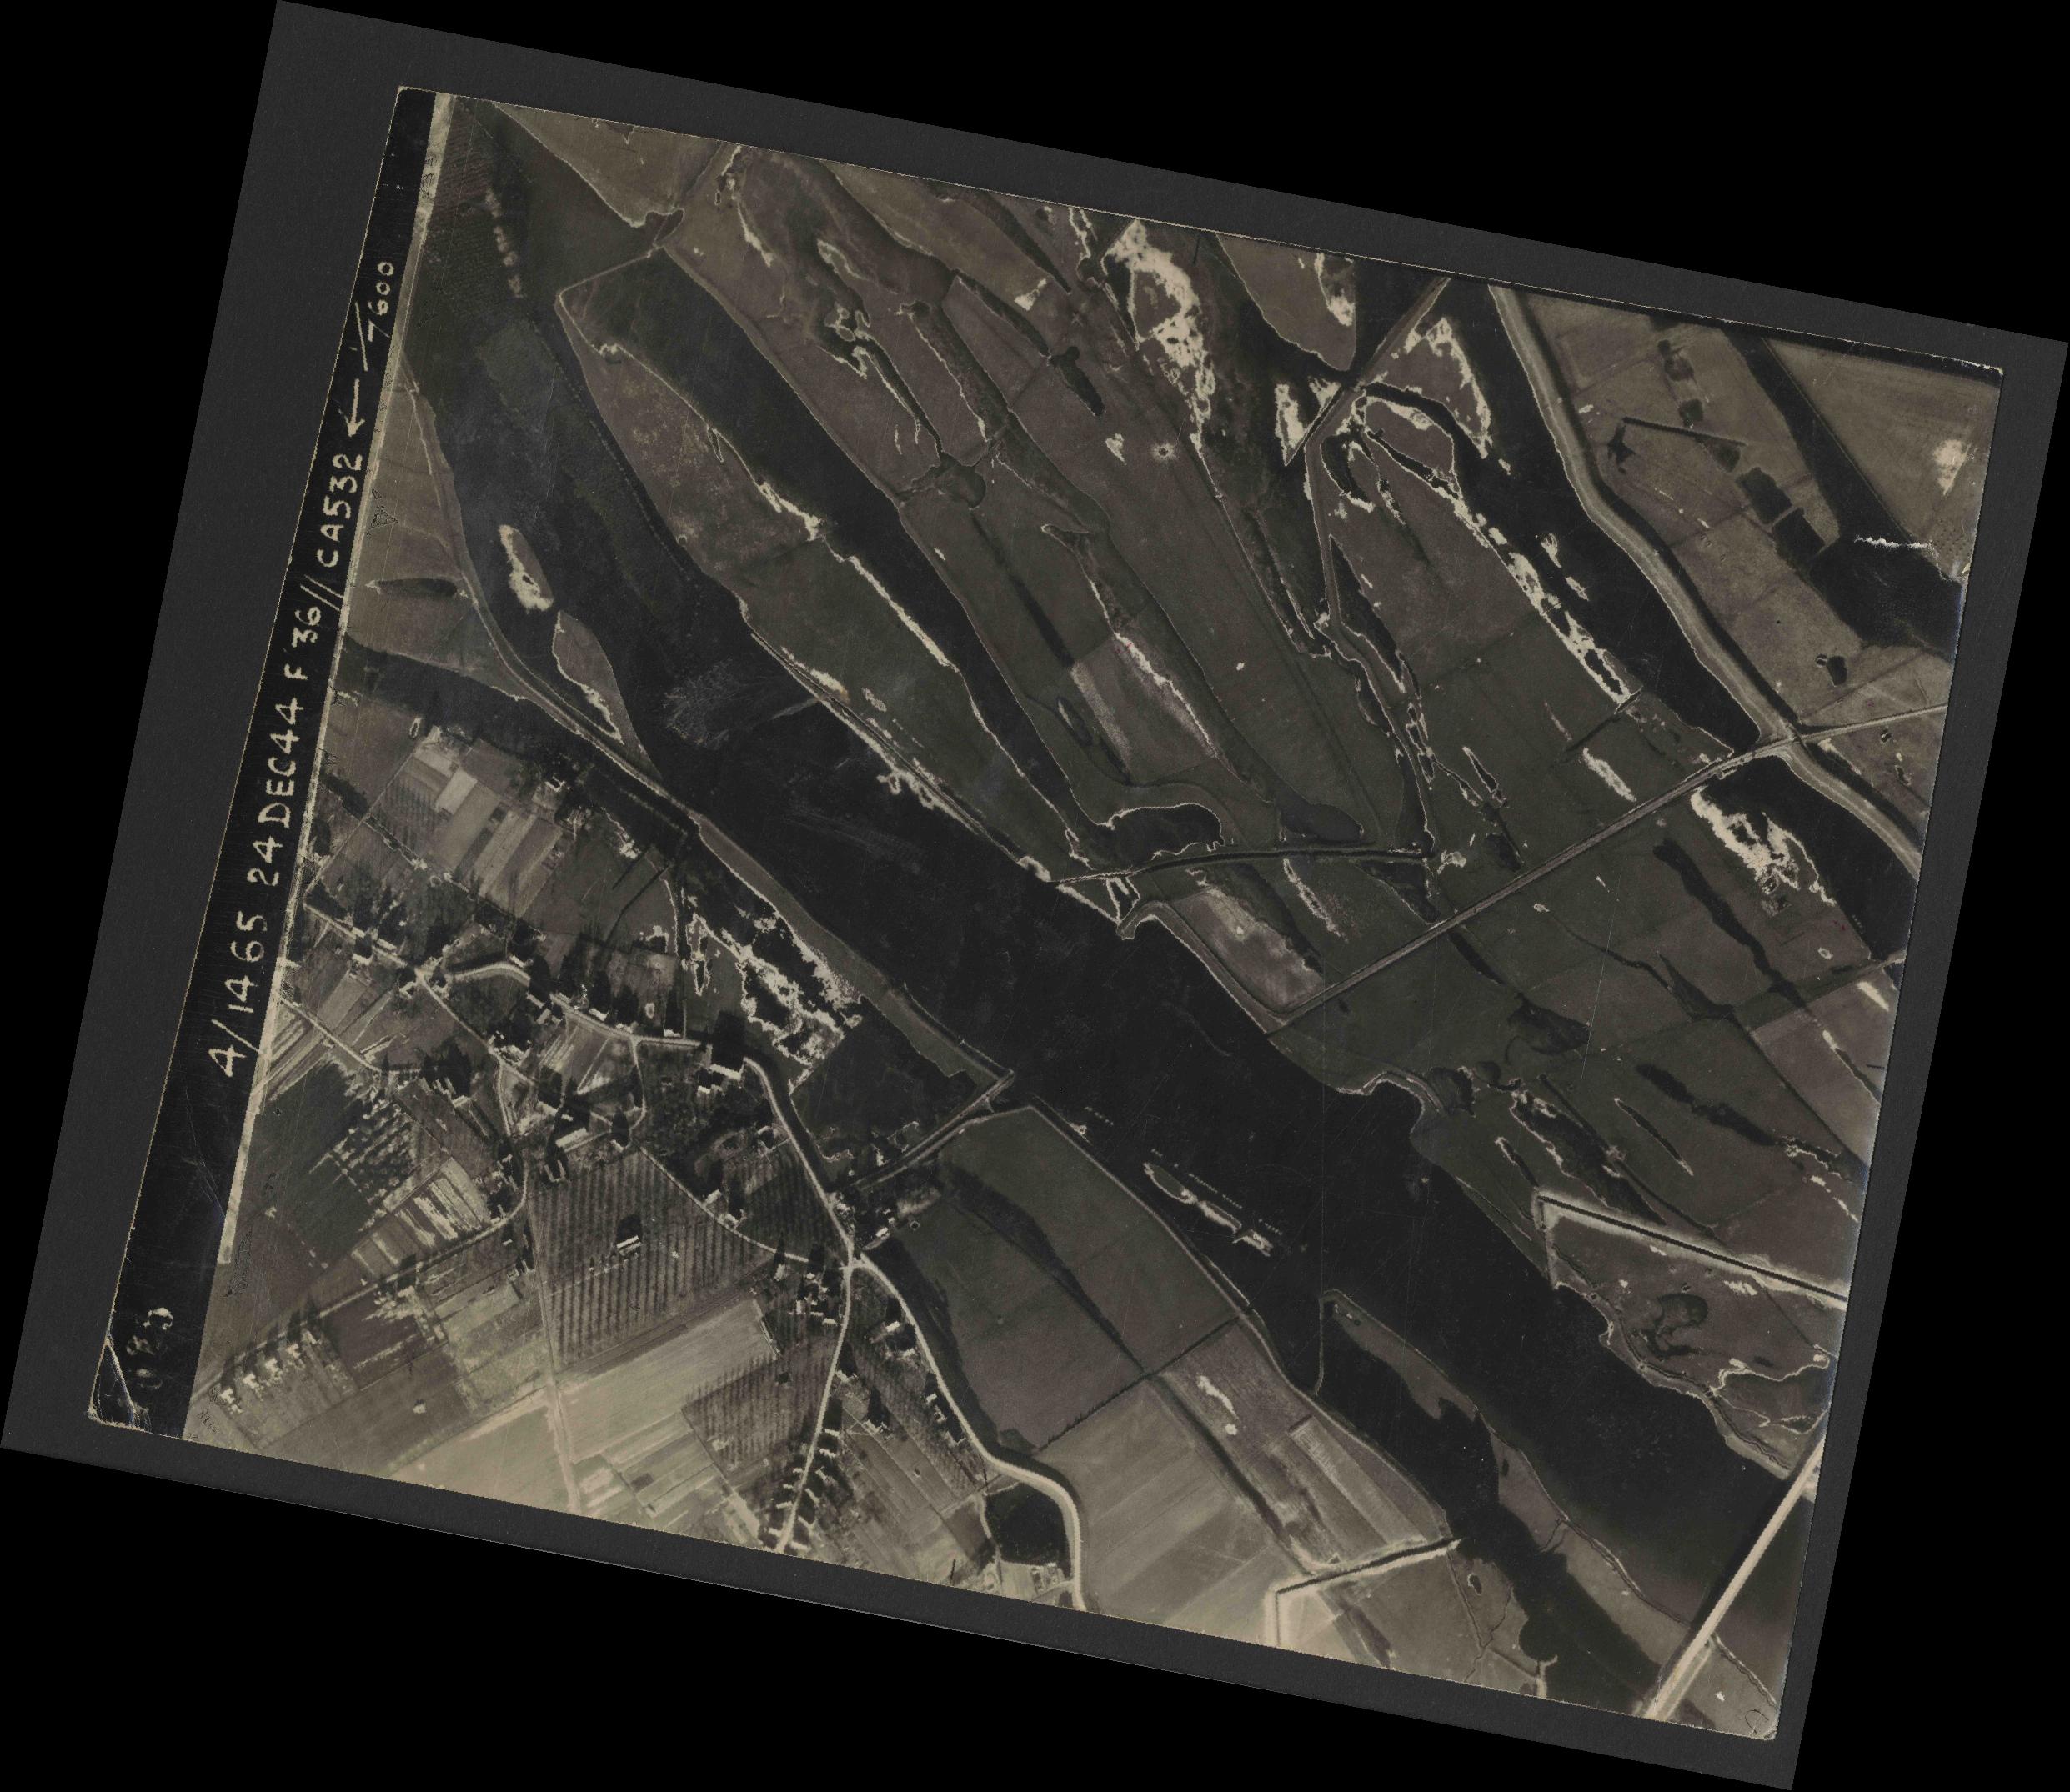 Collection RAF aerial photos 1940-1945 - flight 304, run 03, photo 4025